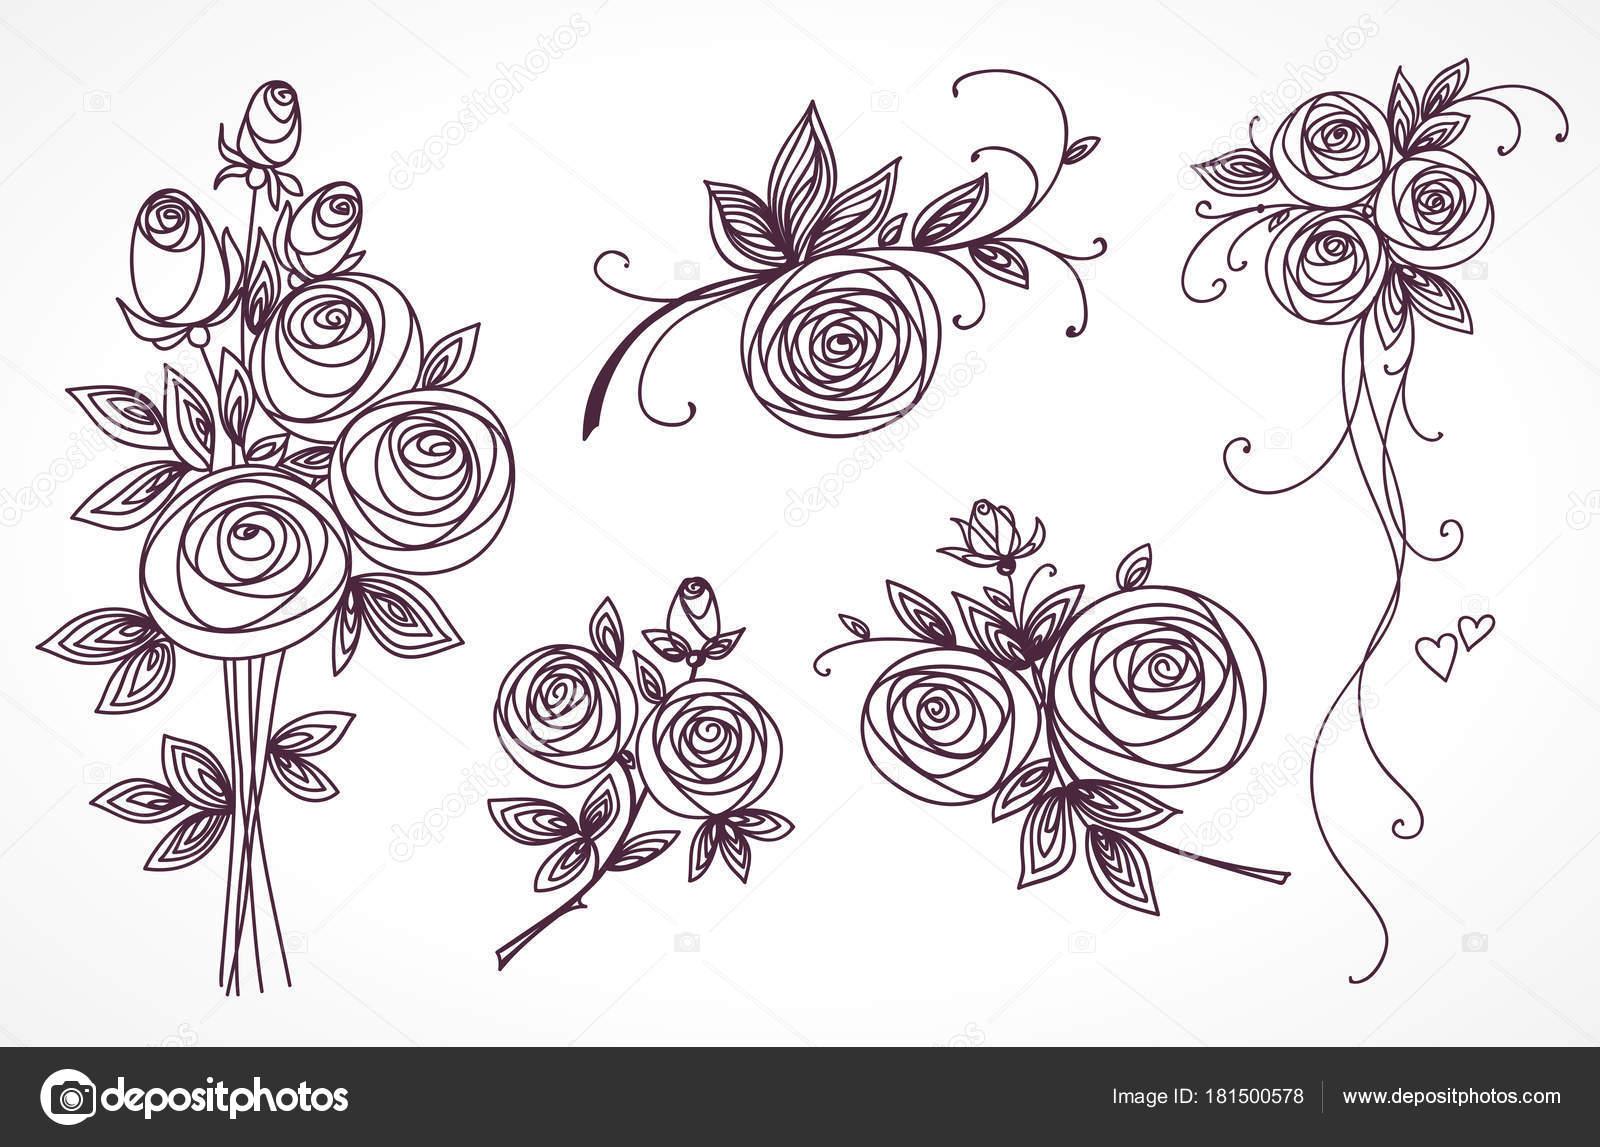 Le Rose Hanno Impostato Collezione Di Mazzi Di Rose Disegno A Mano